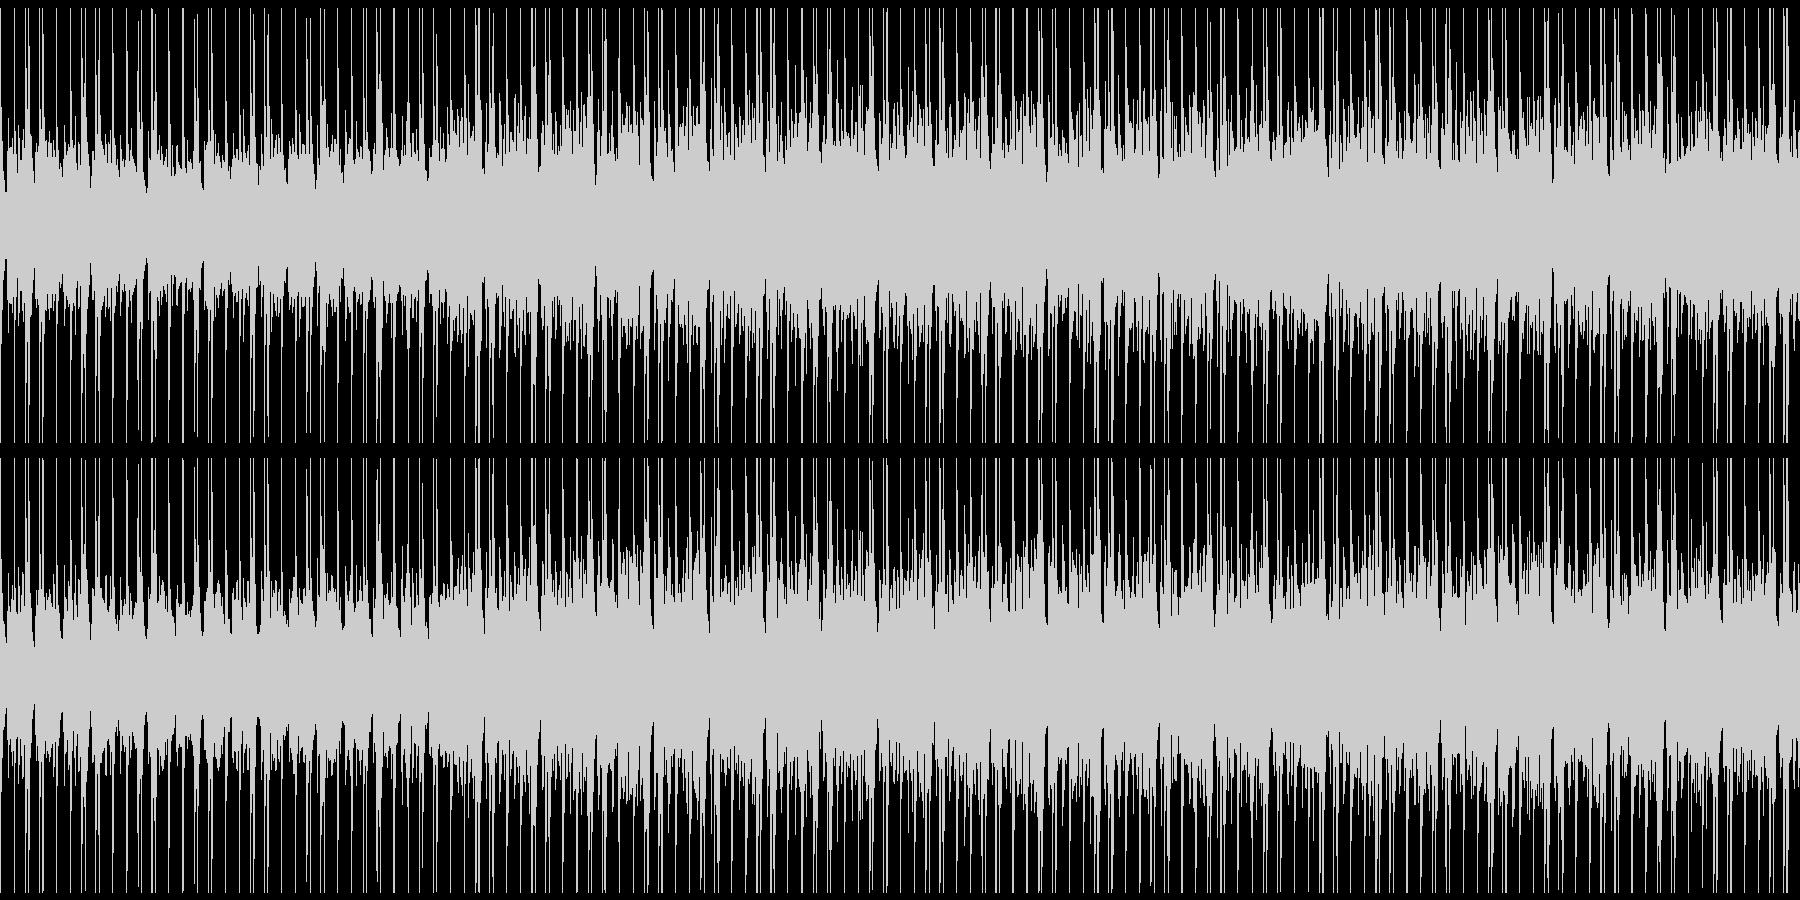 ほのぼのとした和やかBGMの未再生の波形